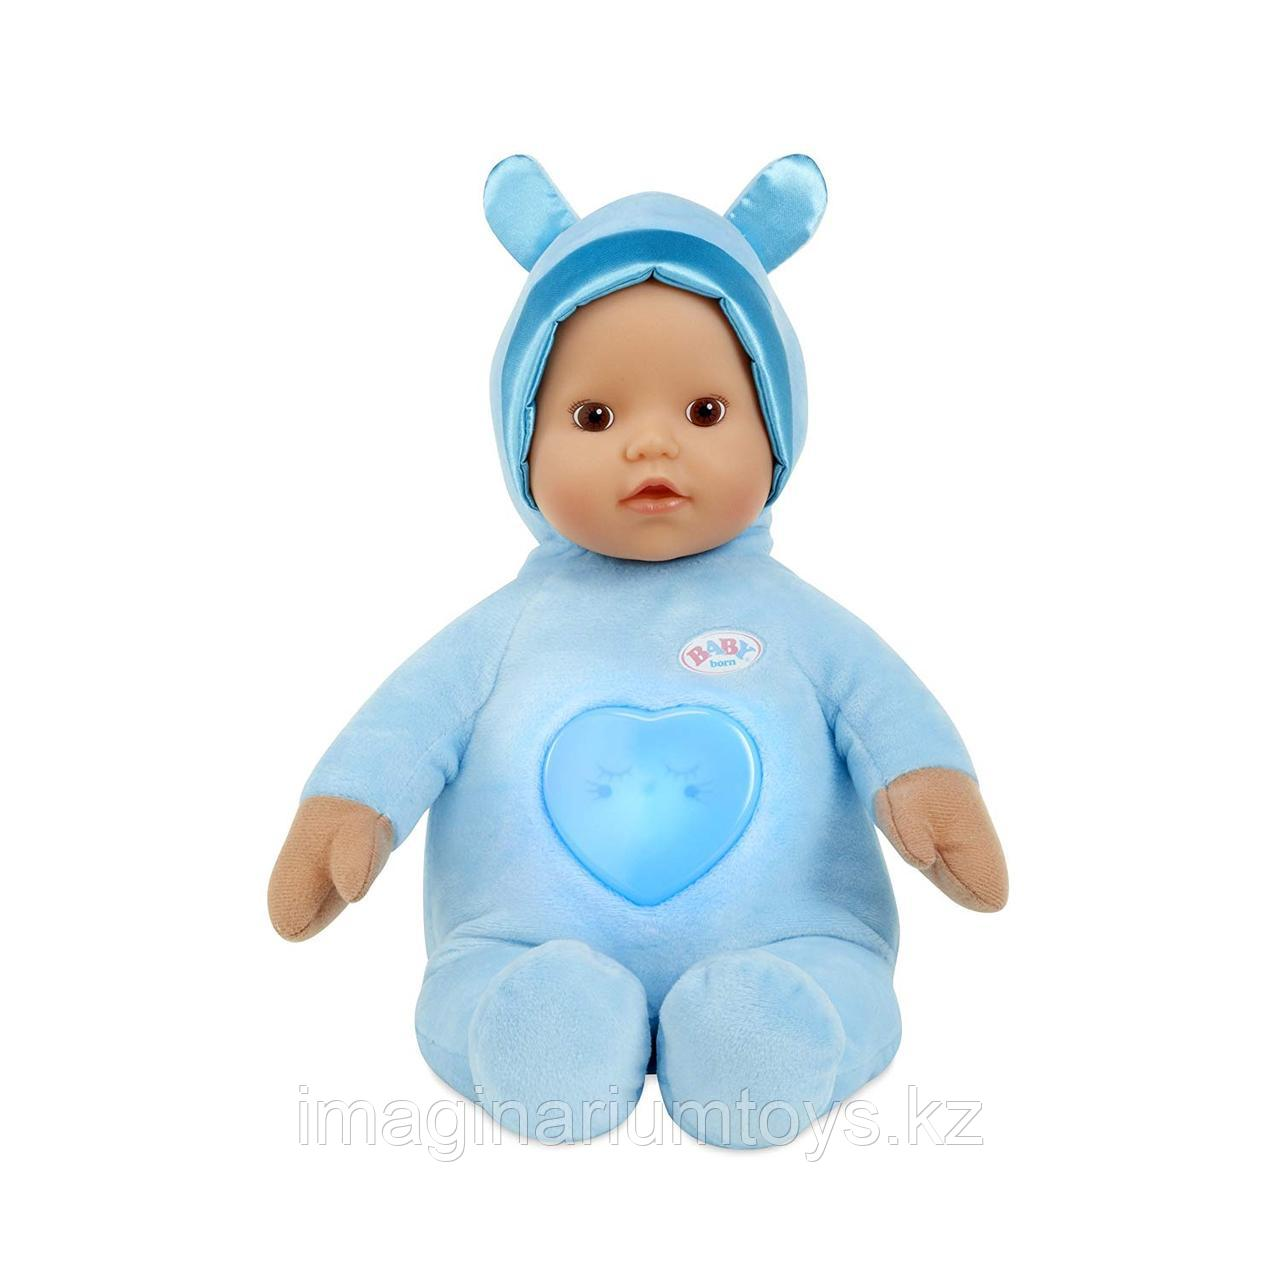 Кукла Беби Борн интерактивная Baby Born для малышей 0+ в голубом цвете